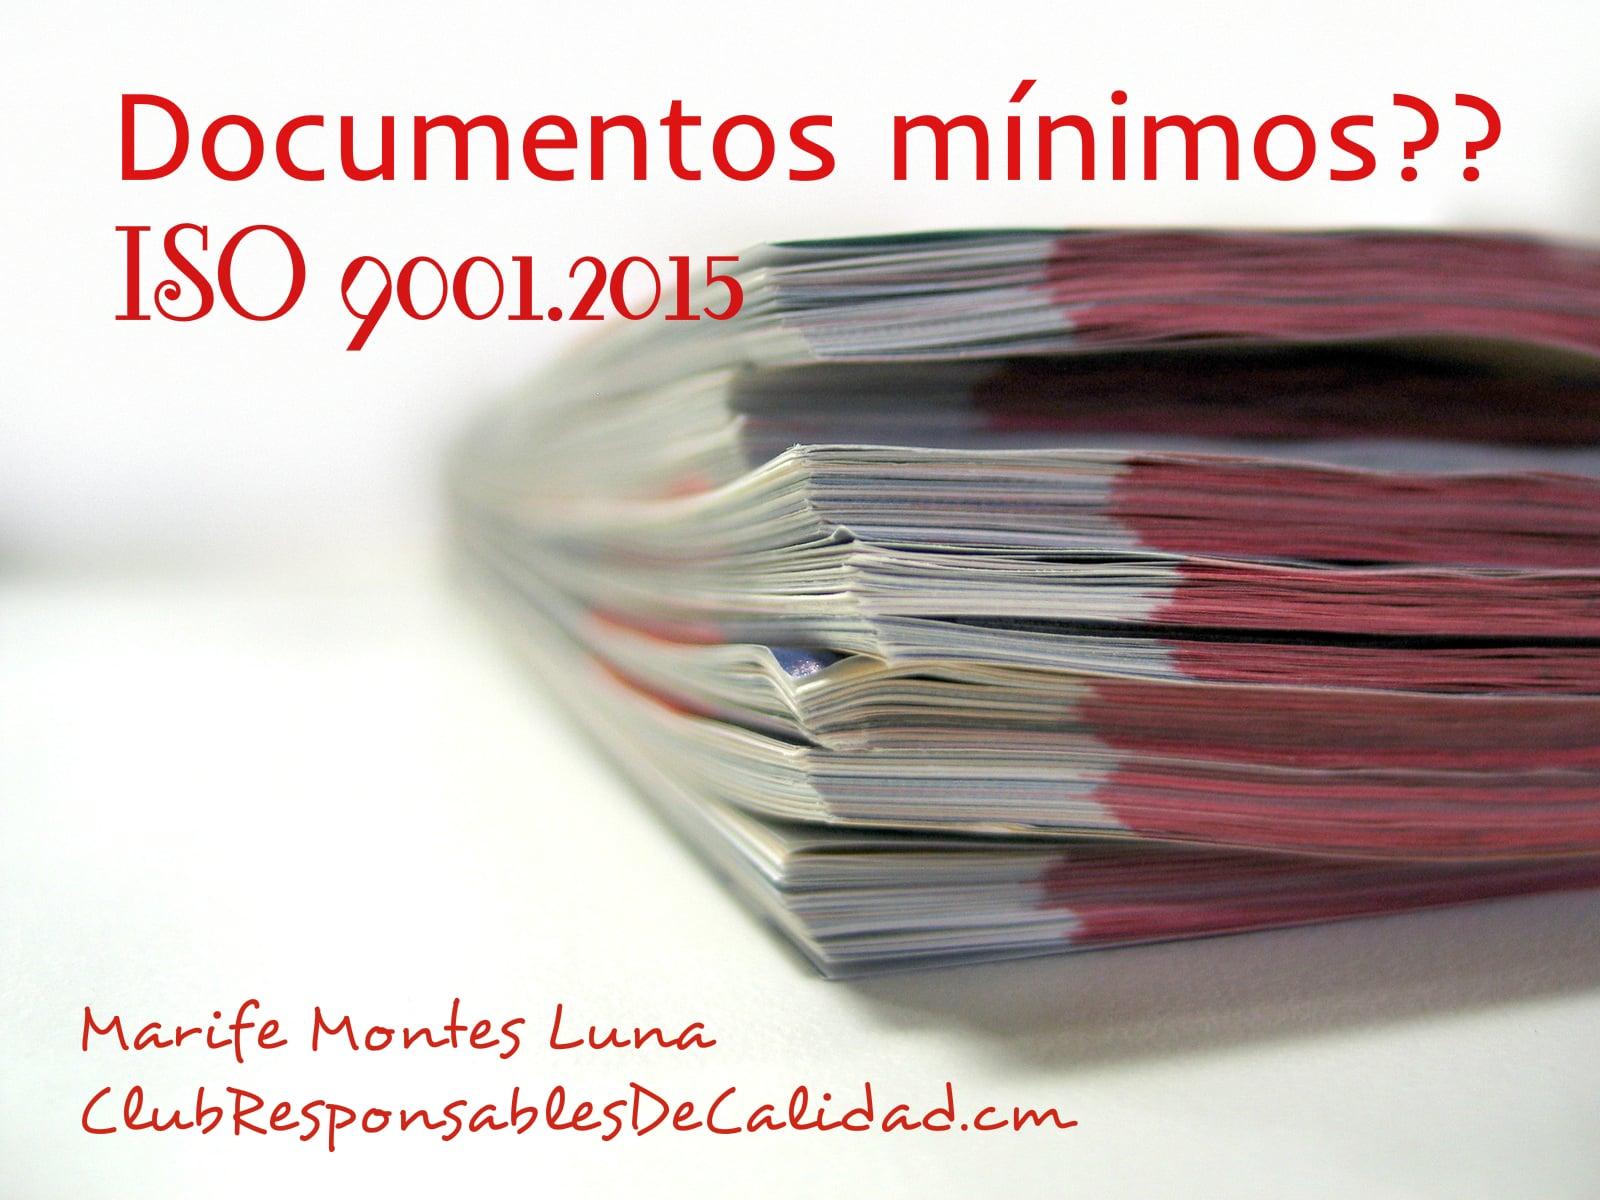 documentos iso 9001